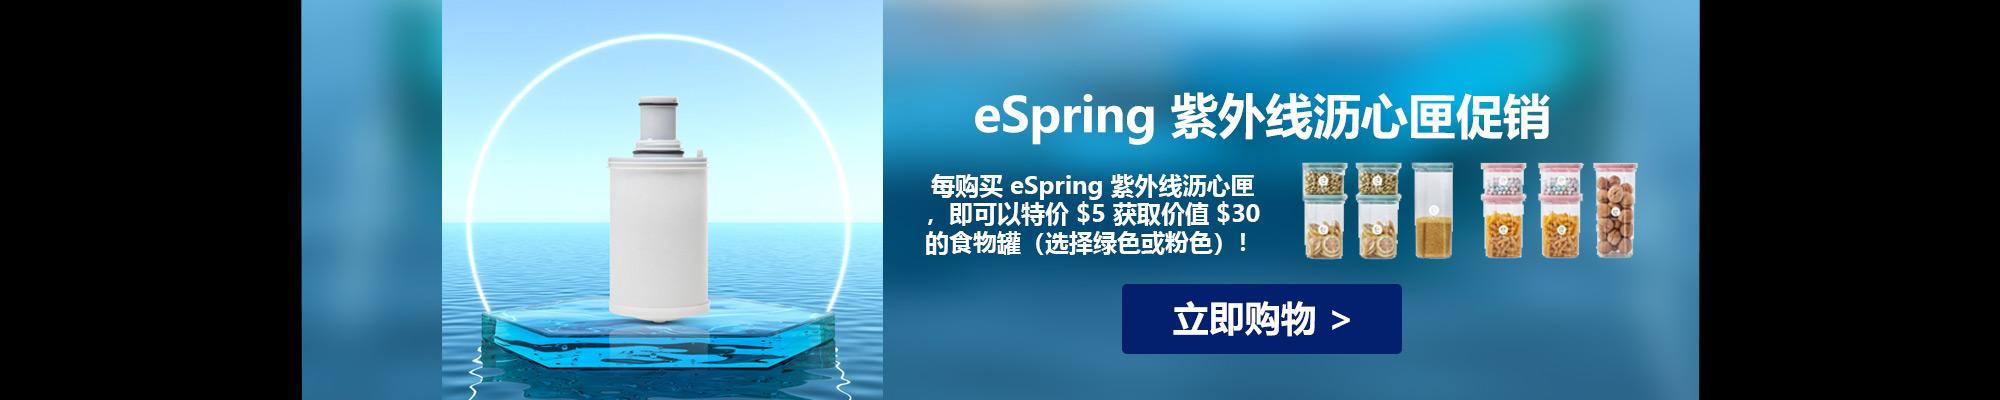 SGPromo-202110-ES-Web-ZH.jpg